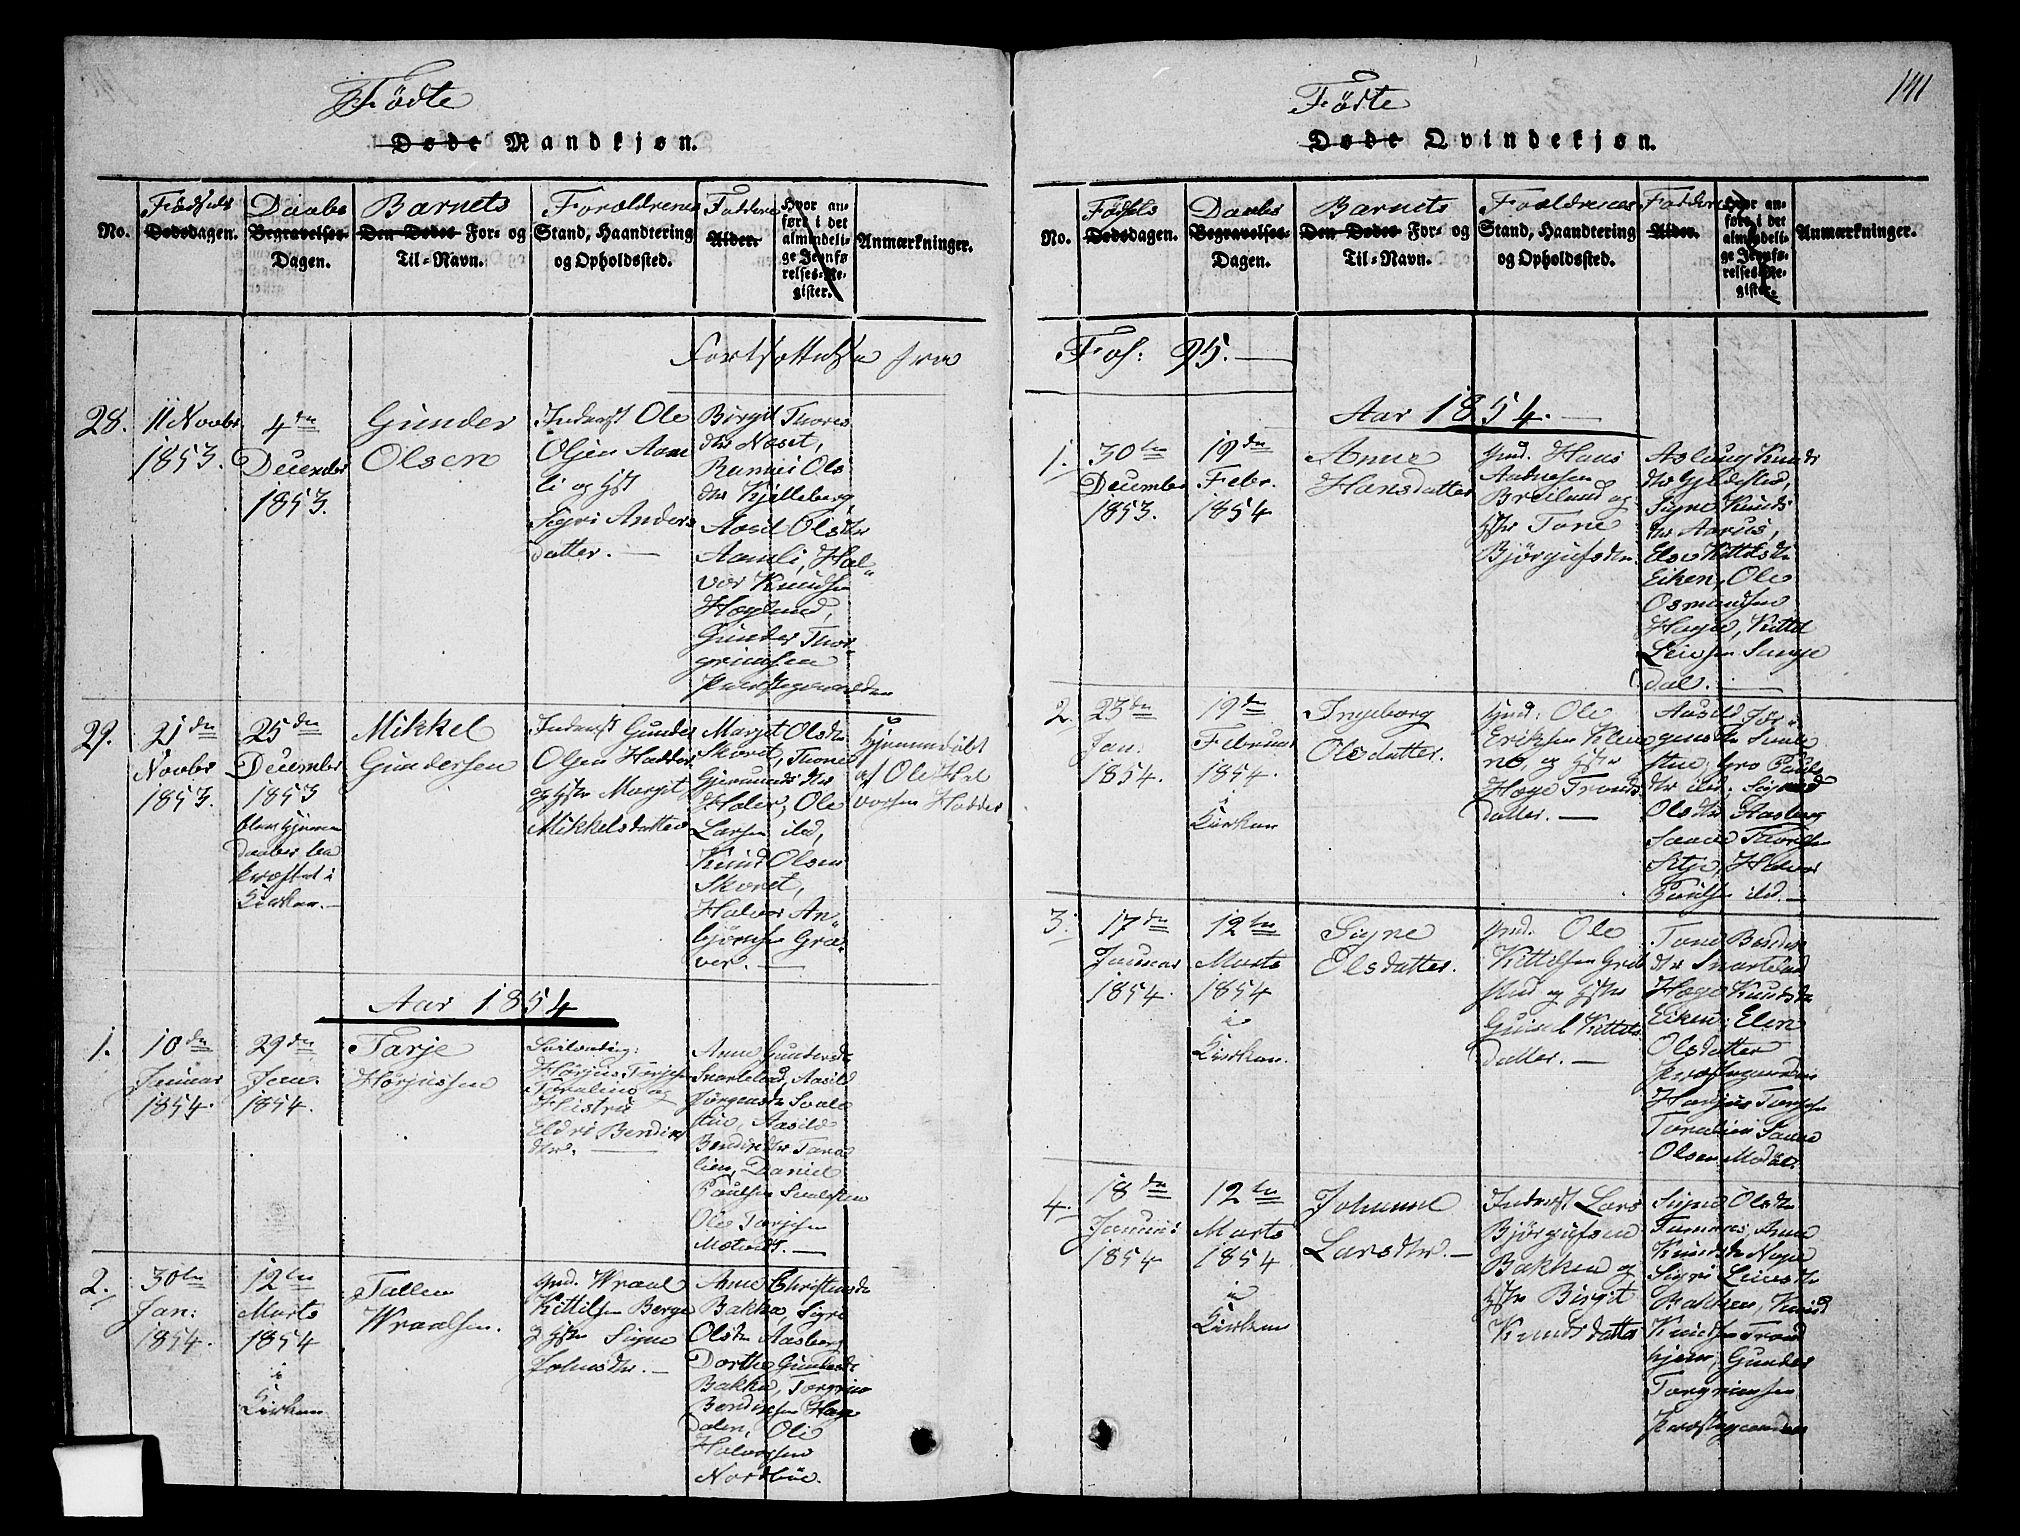 SAKO, Fyresdal kirkebøker, G/Ga/L0002: Klokkerbok nr. I 2, 1815-1857, s. 141